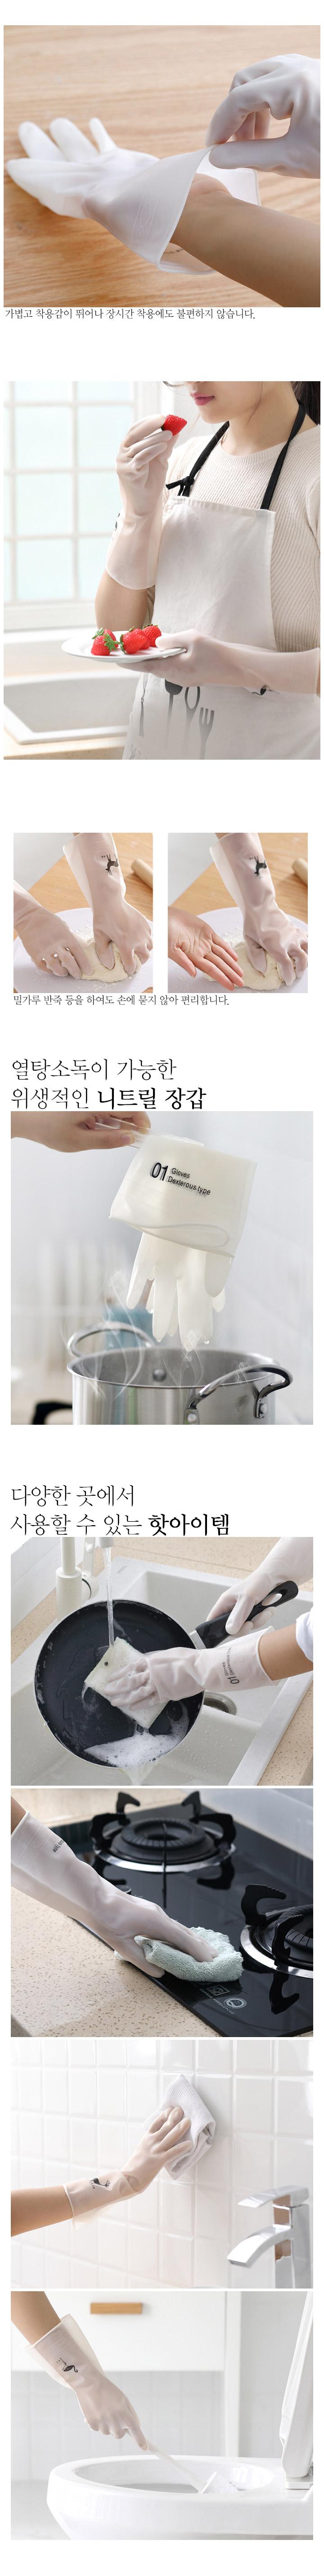 사용이 편리한 실리콘 니트릴 PVC 고무 장갑 - 네코리빙, 1,800원, 설거지 용품, 고무장갑